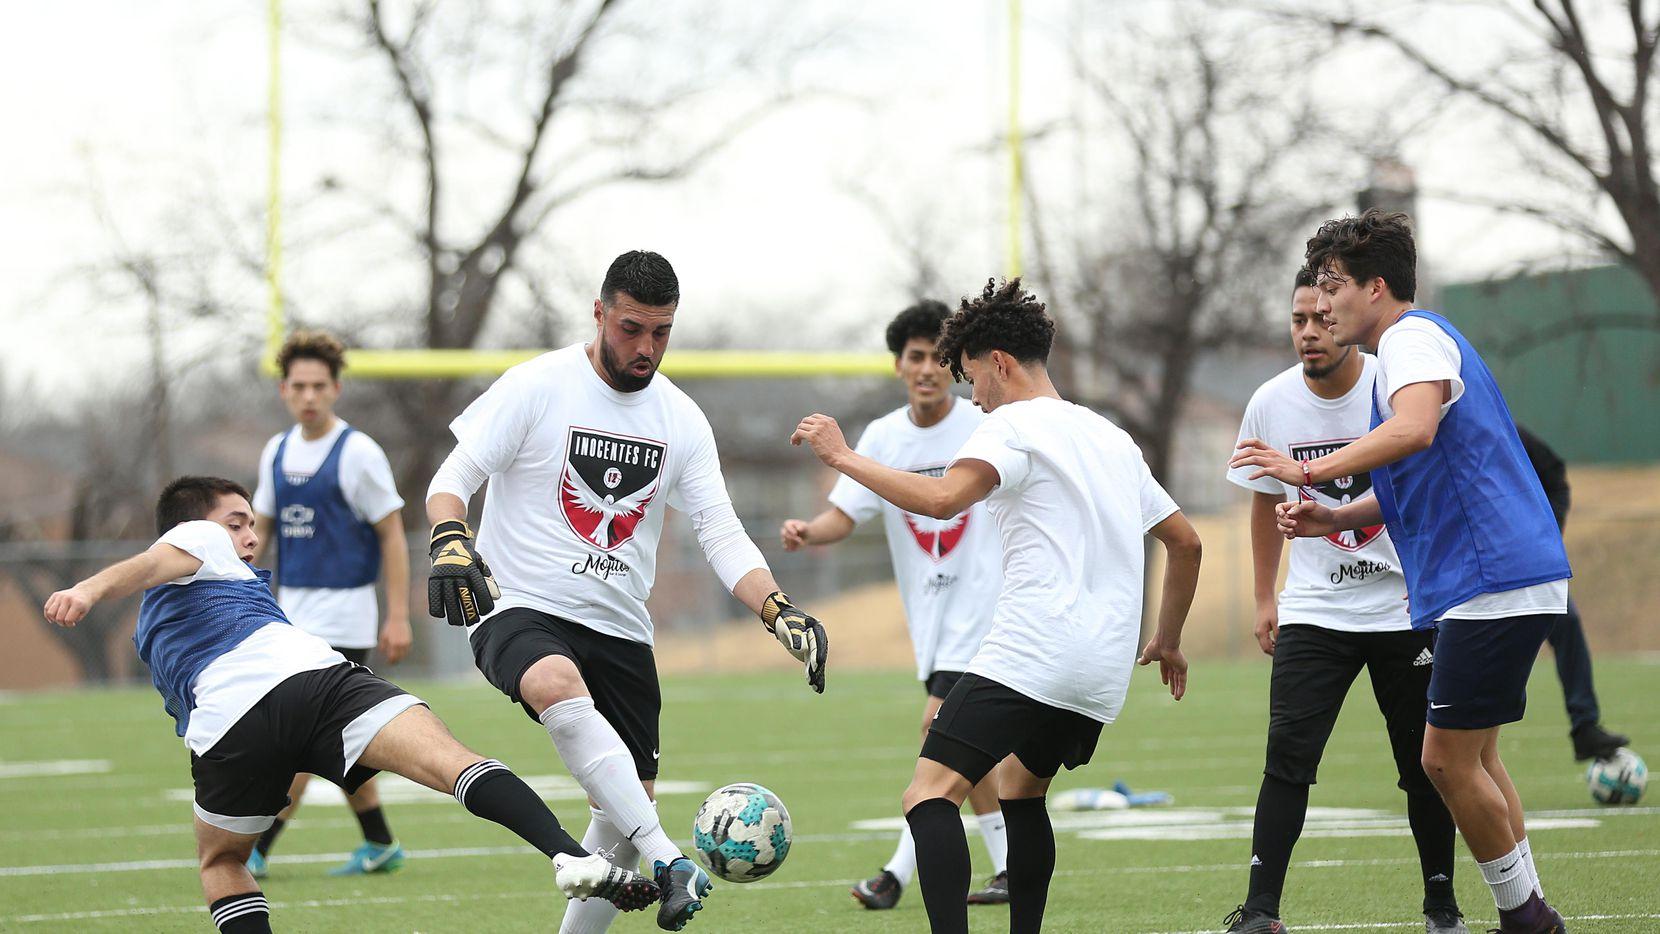 El club Inocentes FC de Fort Worth están en su primera temporada coompitiendo en la UPS, una liga semiprofesional de futbol de Estados Unidos.(Omar Vega)